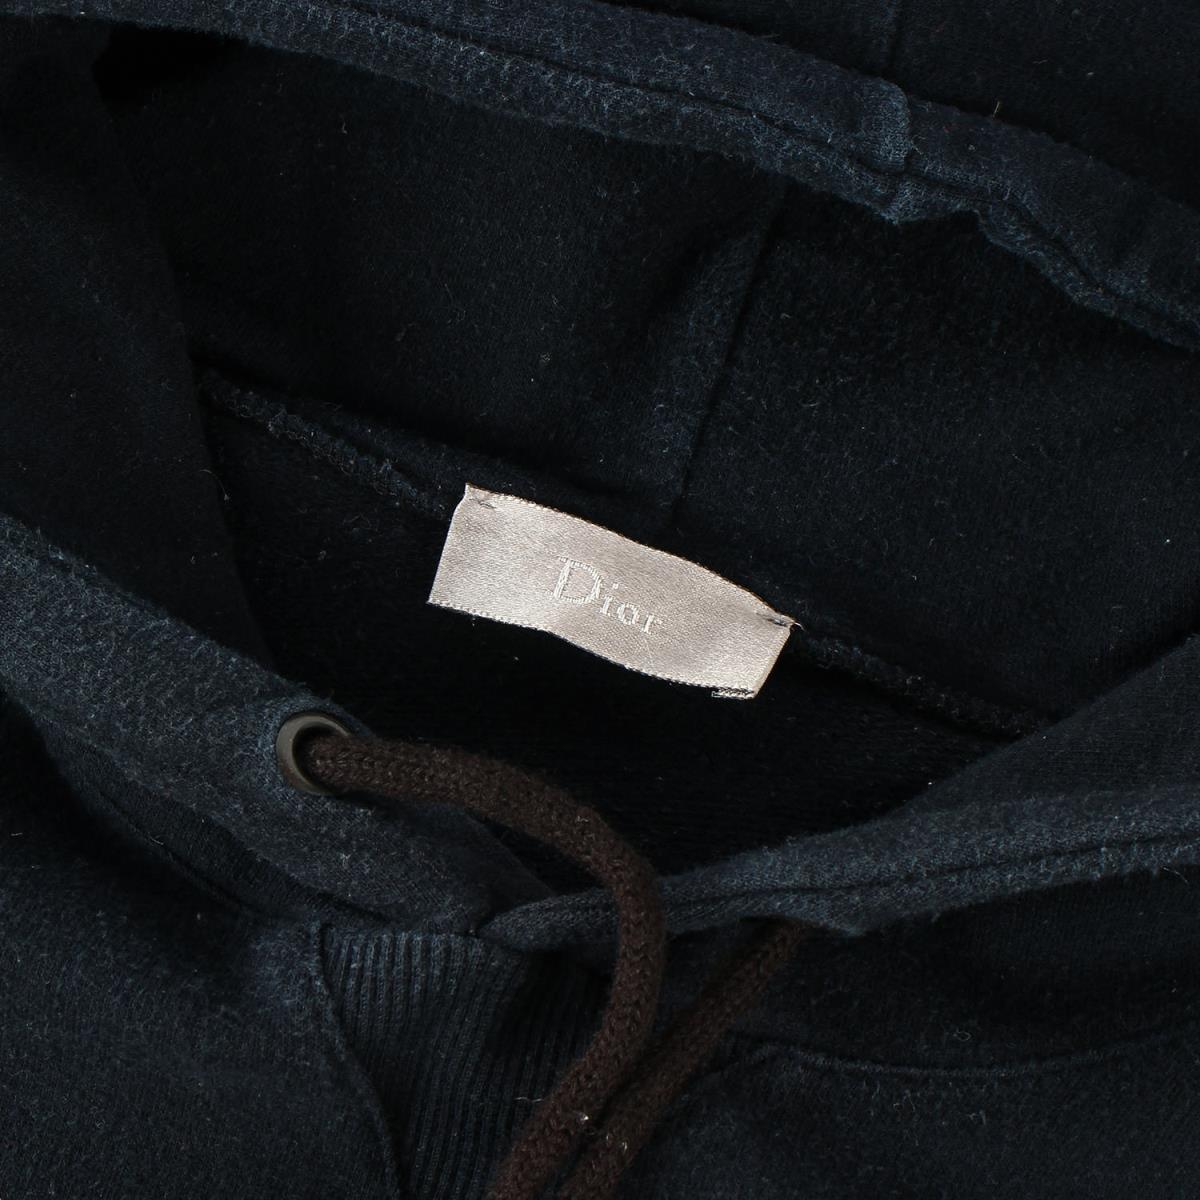 Dior HOMME ディオールオム パーカー 06AW These Grey Days期 グラフィックロゴ スウェット パーカー ブラック XS_画像3